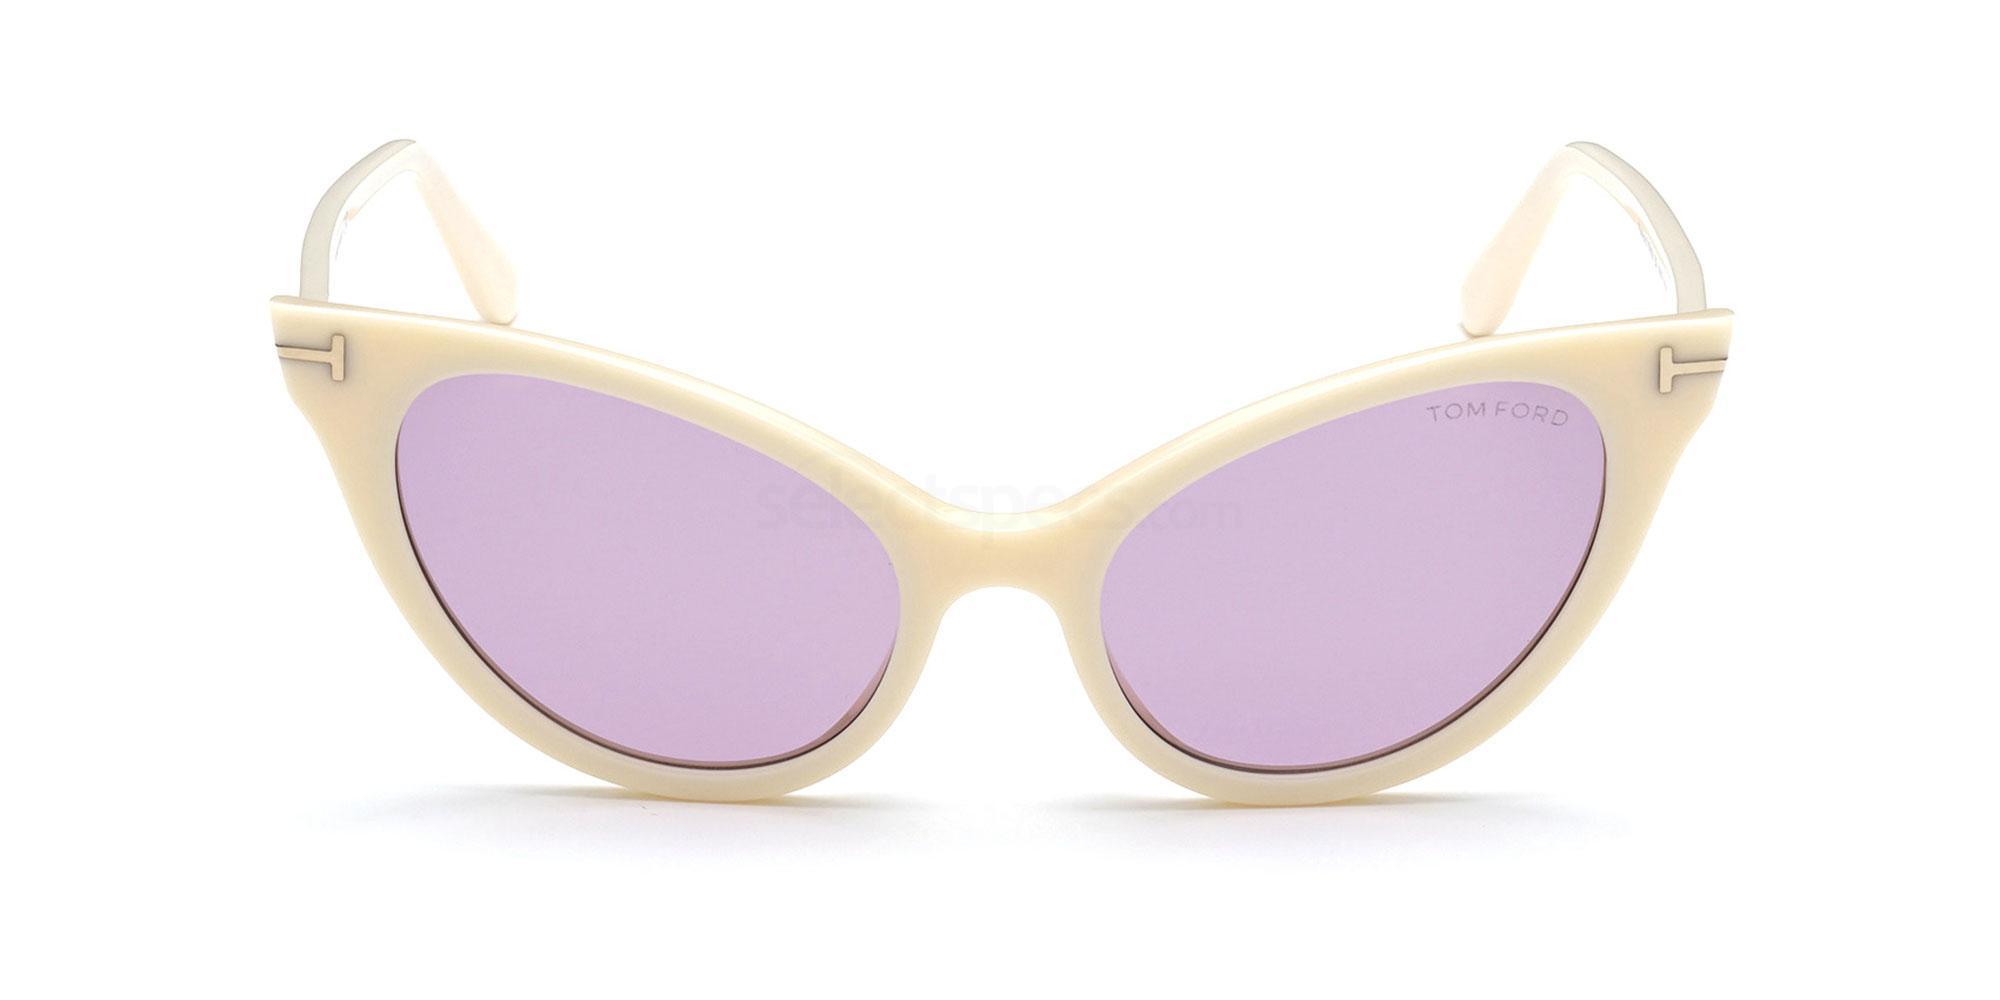 25Z FT0820 Sunglasses, Tom Ford